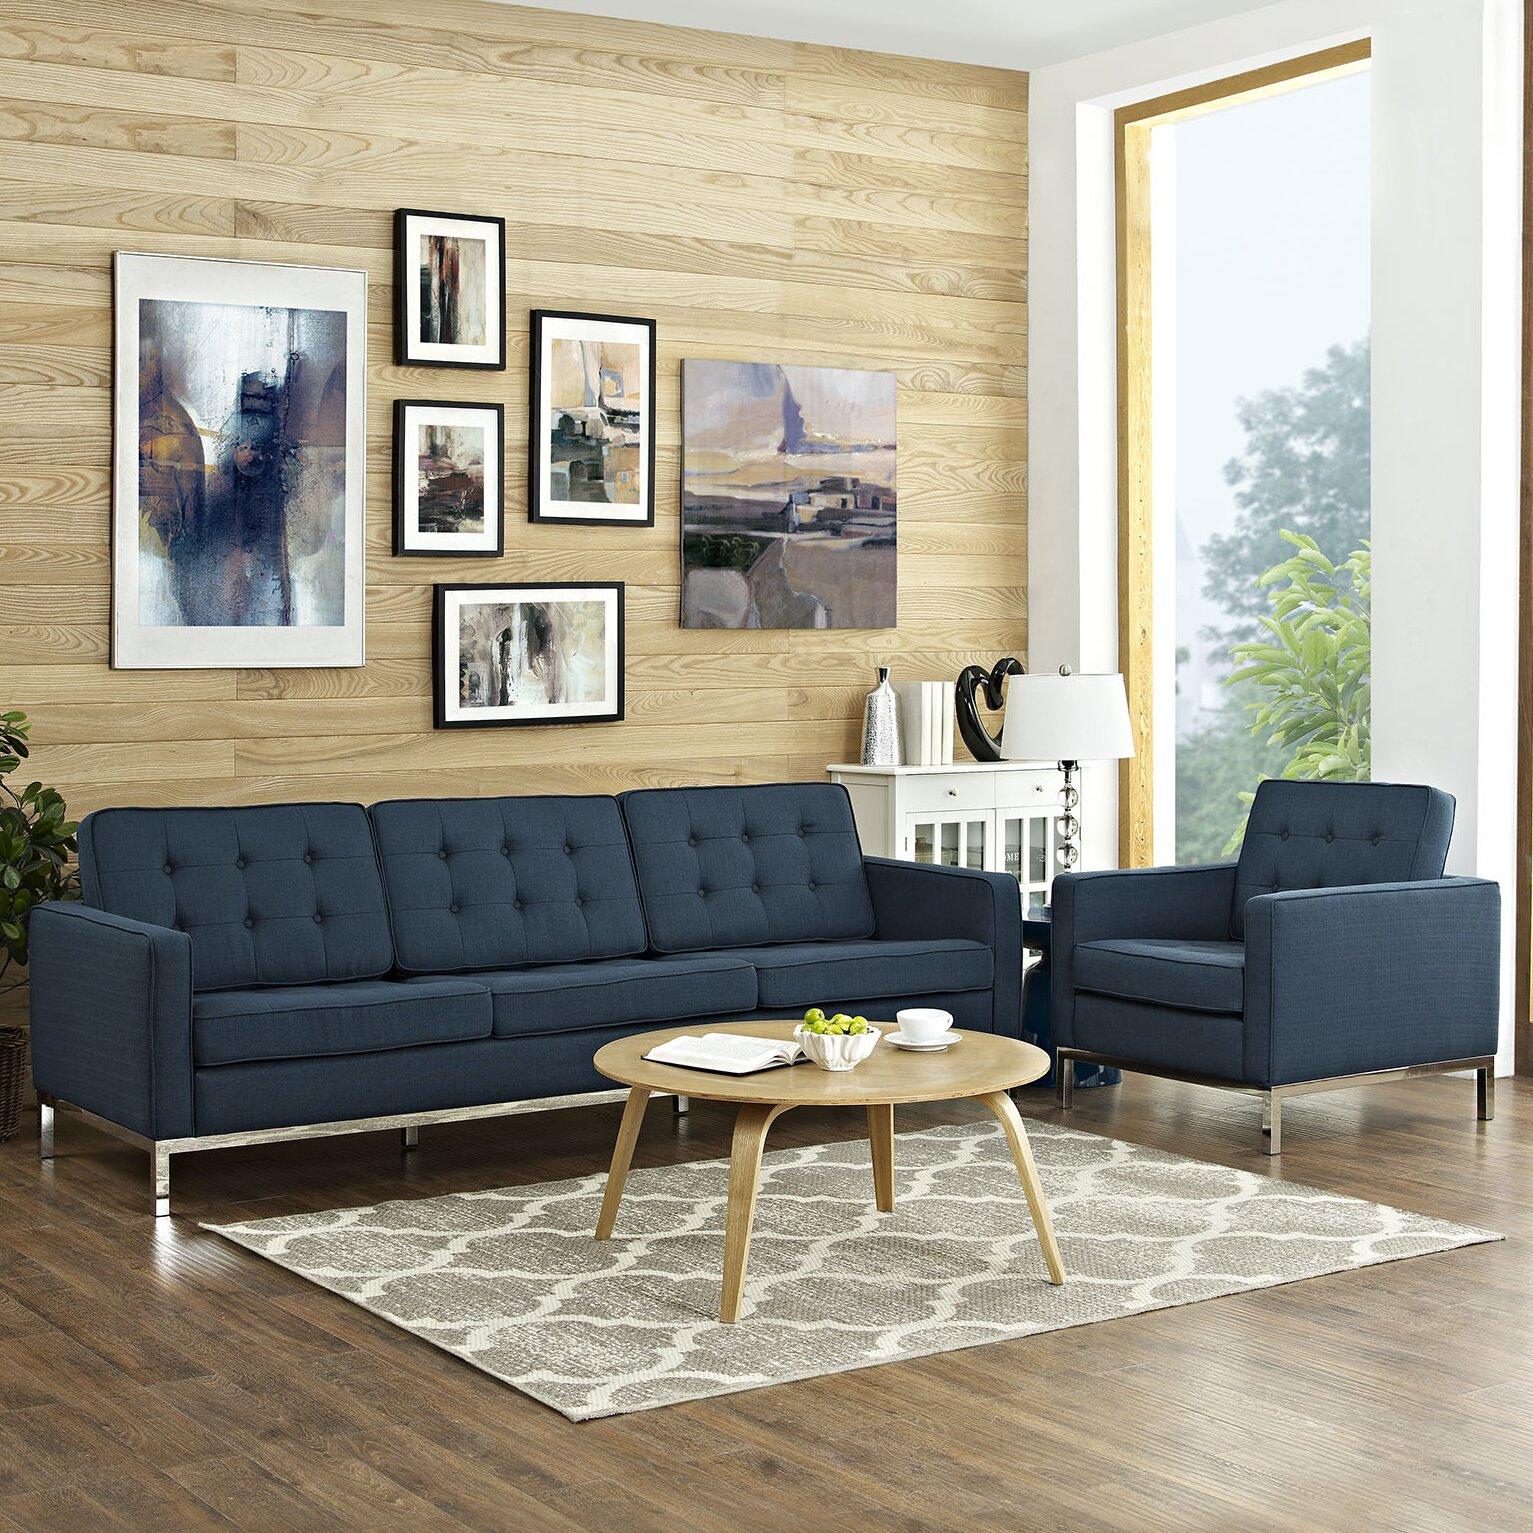 furniture living room furniture living room sets modway sku